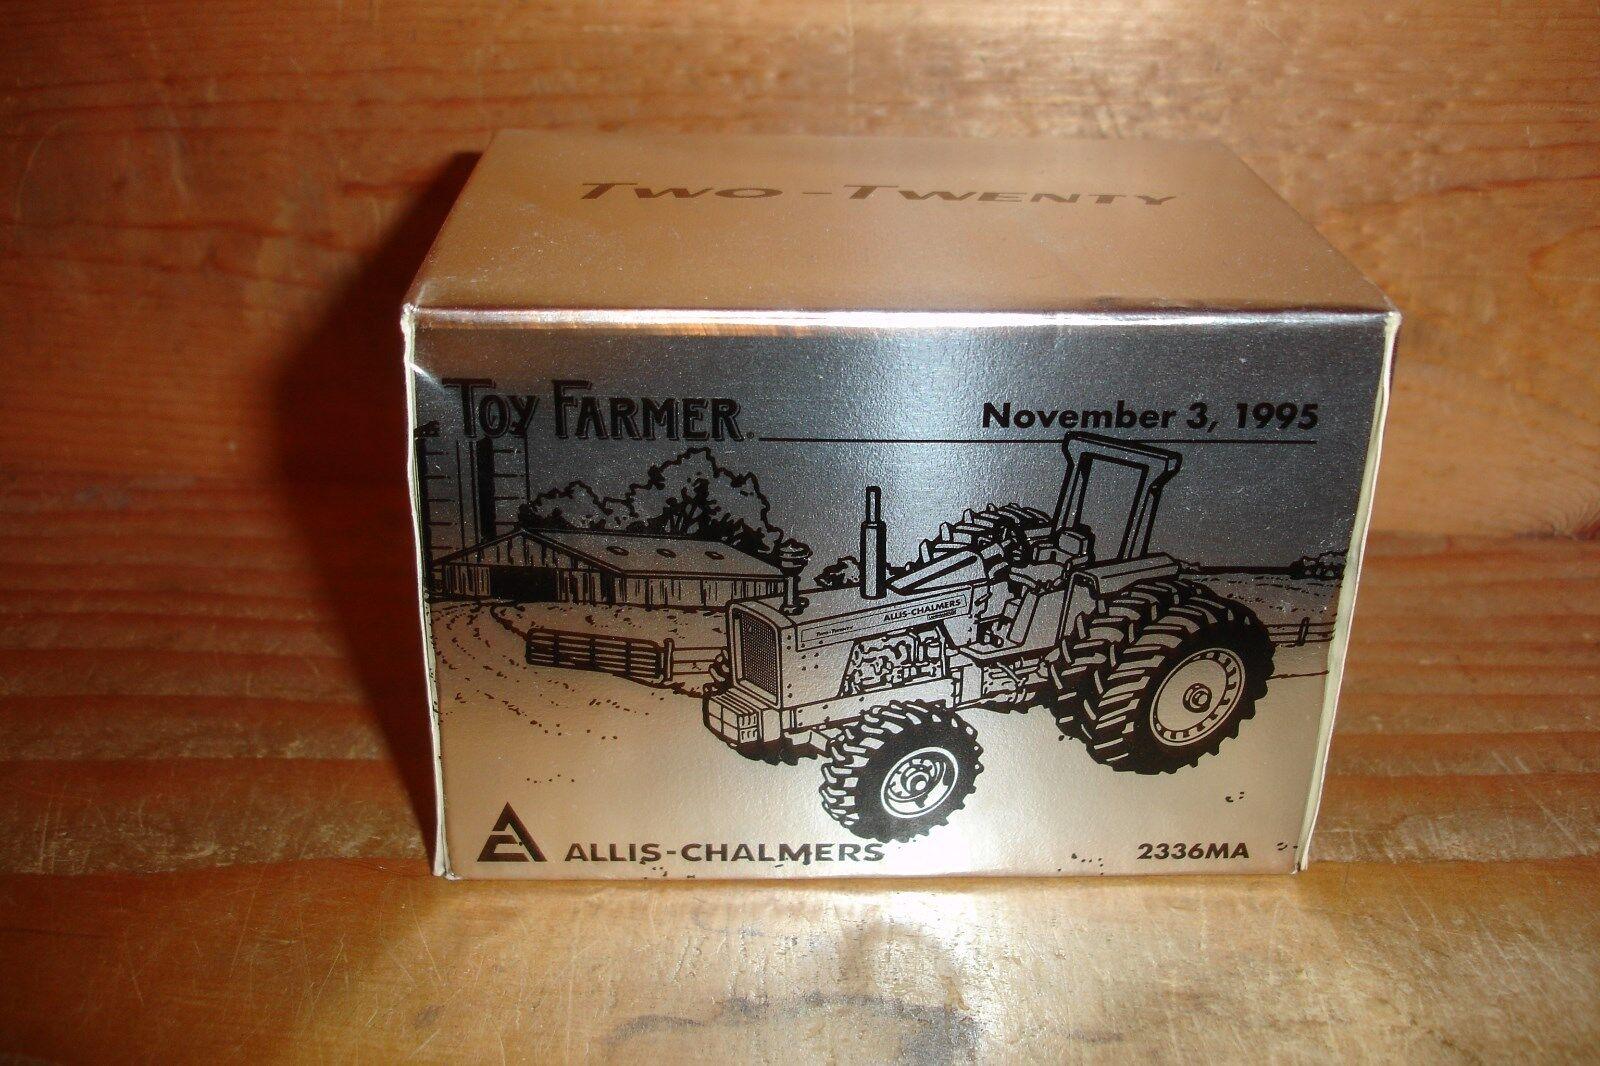 1 1 1 43 allis chalmer two twenty toy farmer 2974d7